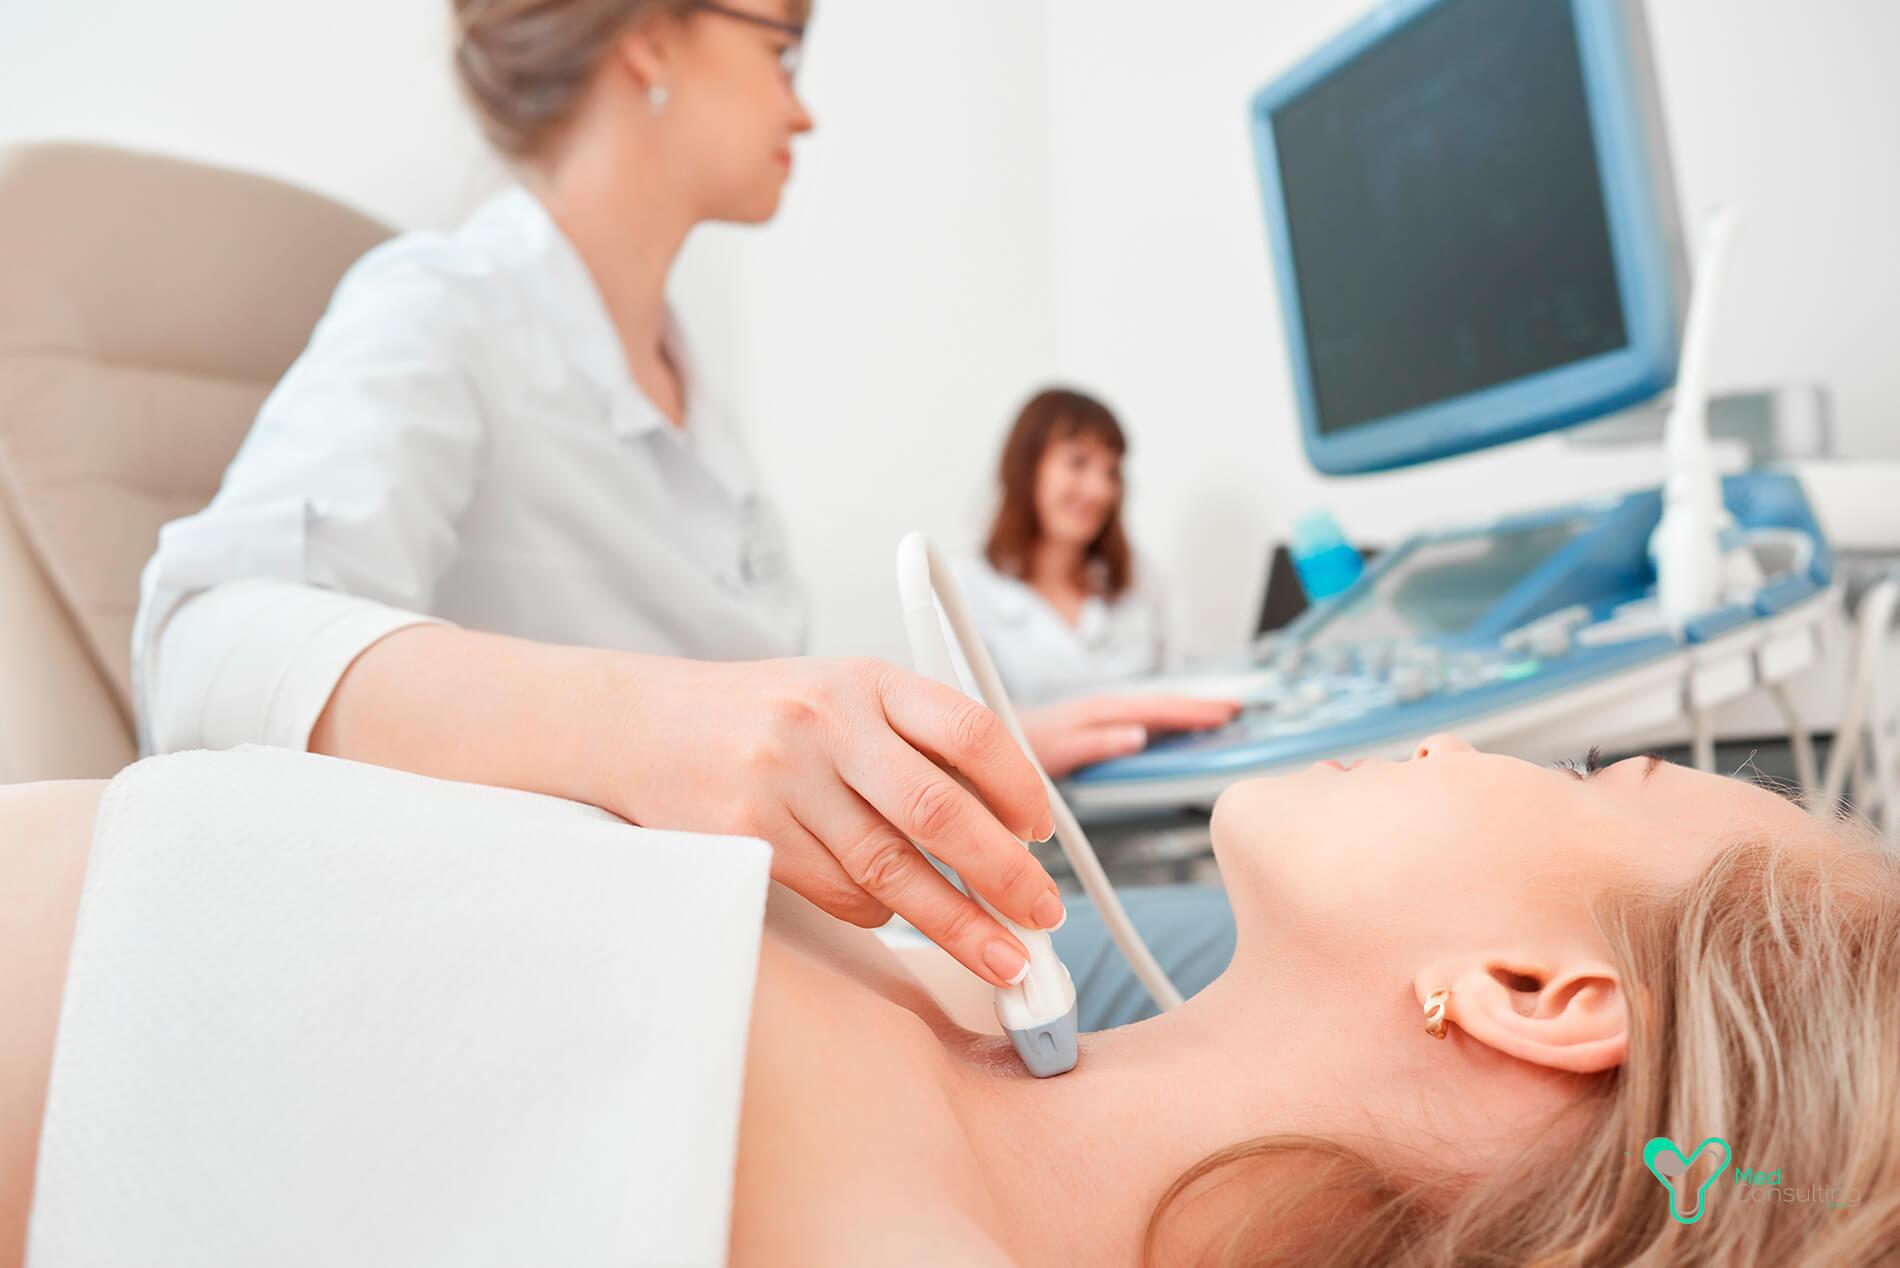 Лечение гипотиреоза в Германии